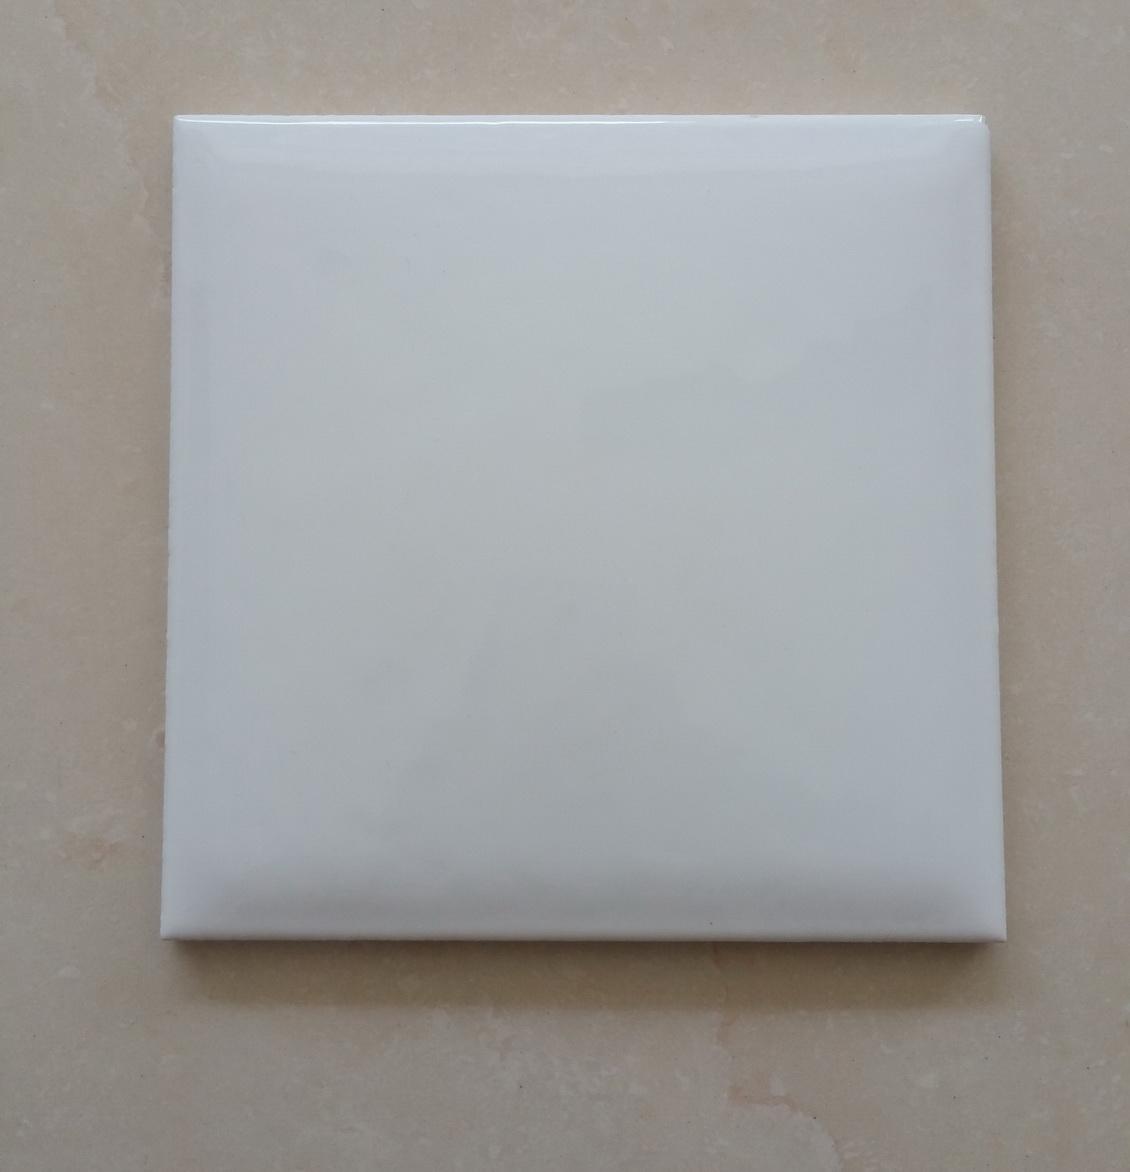 Decorative-Ceramics-Wall-Bathroom-Tiles